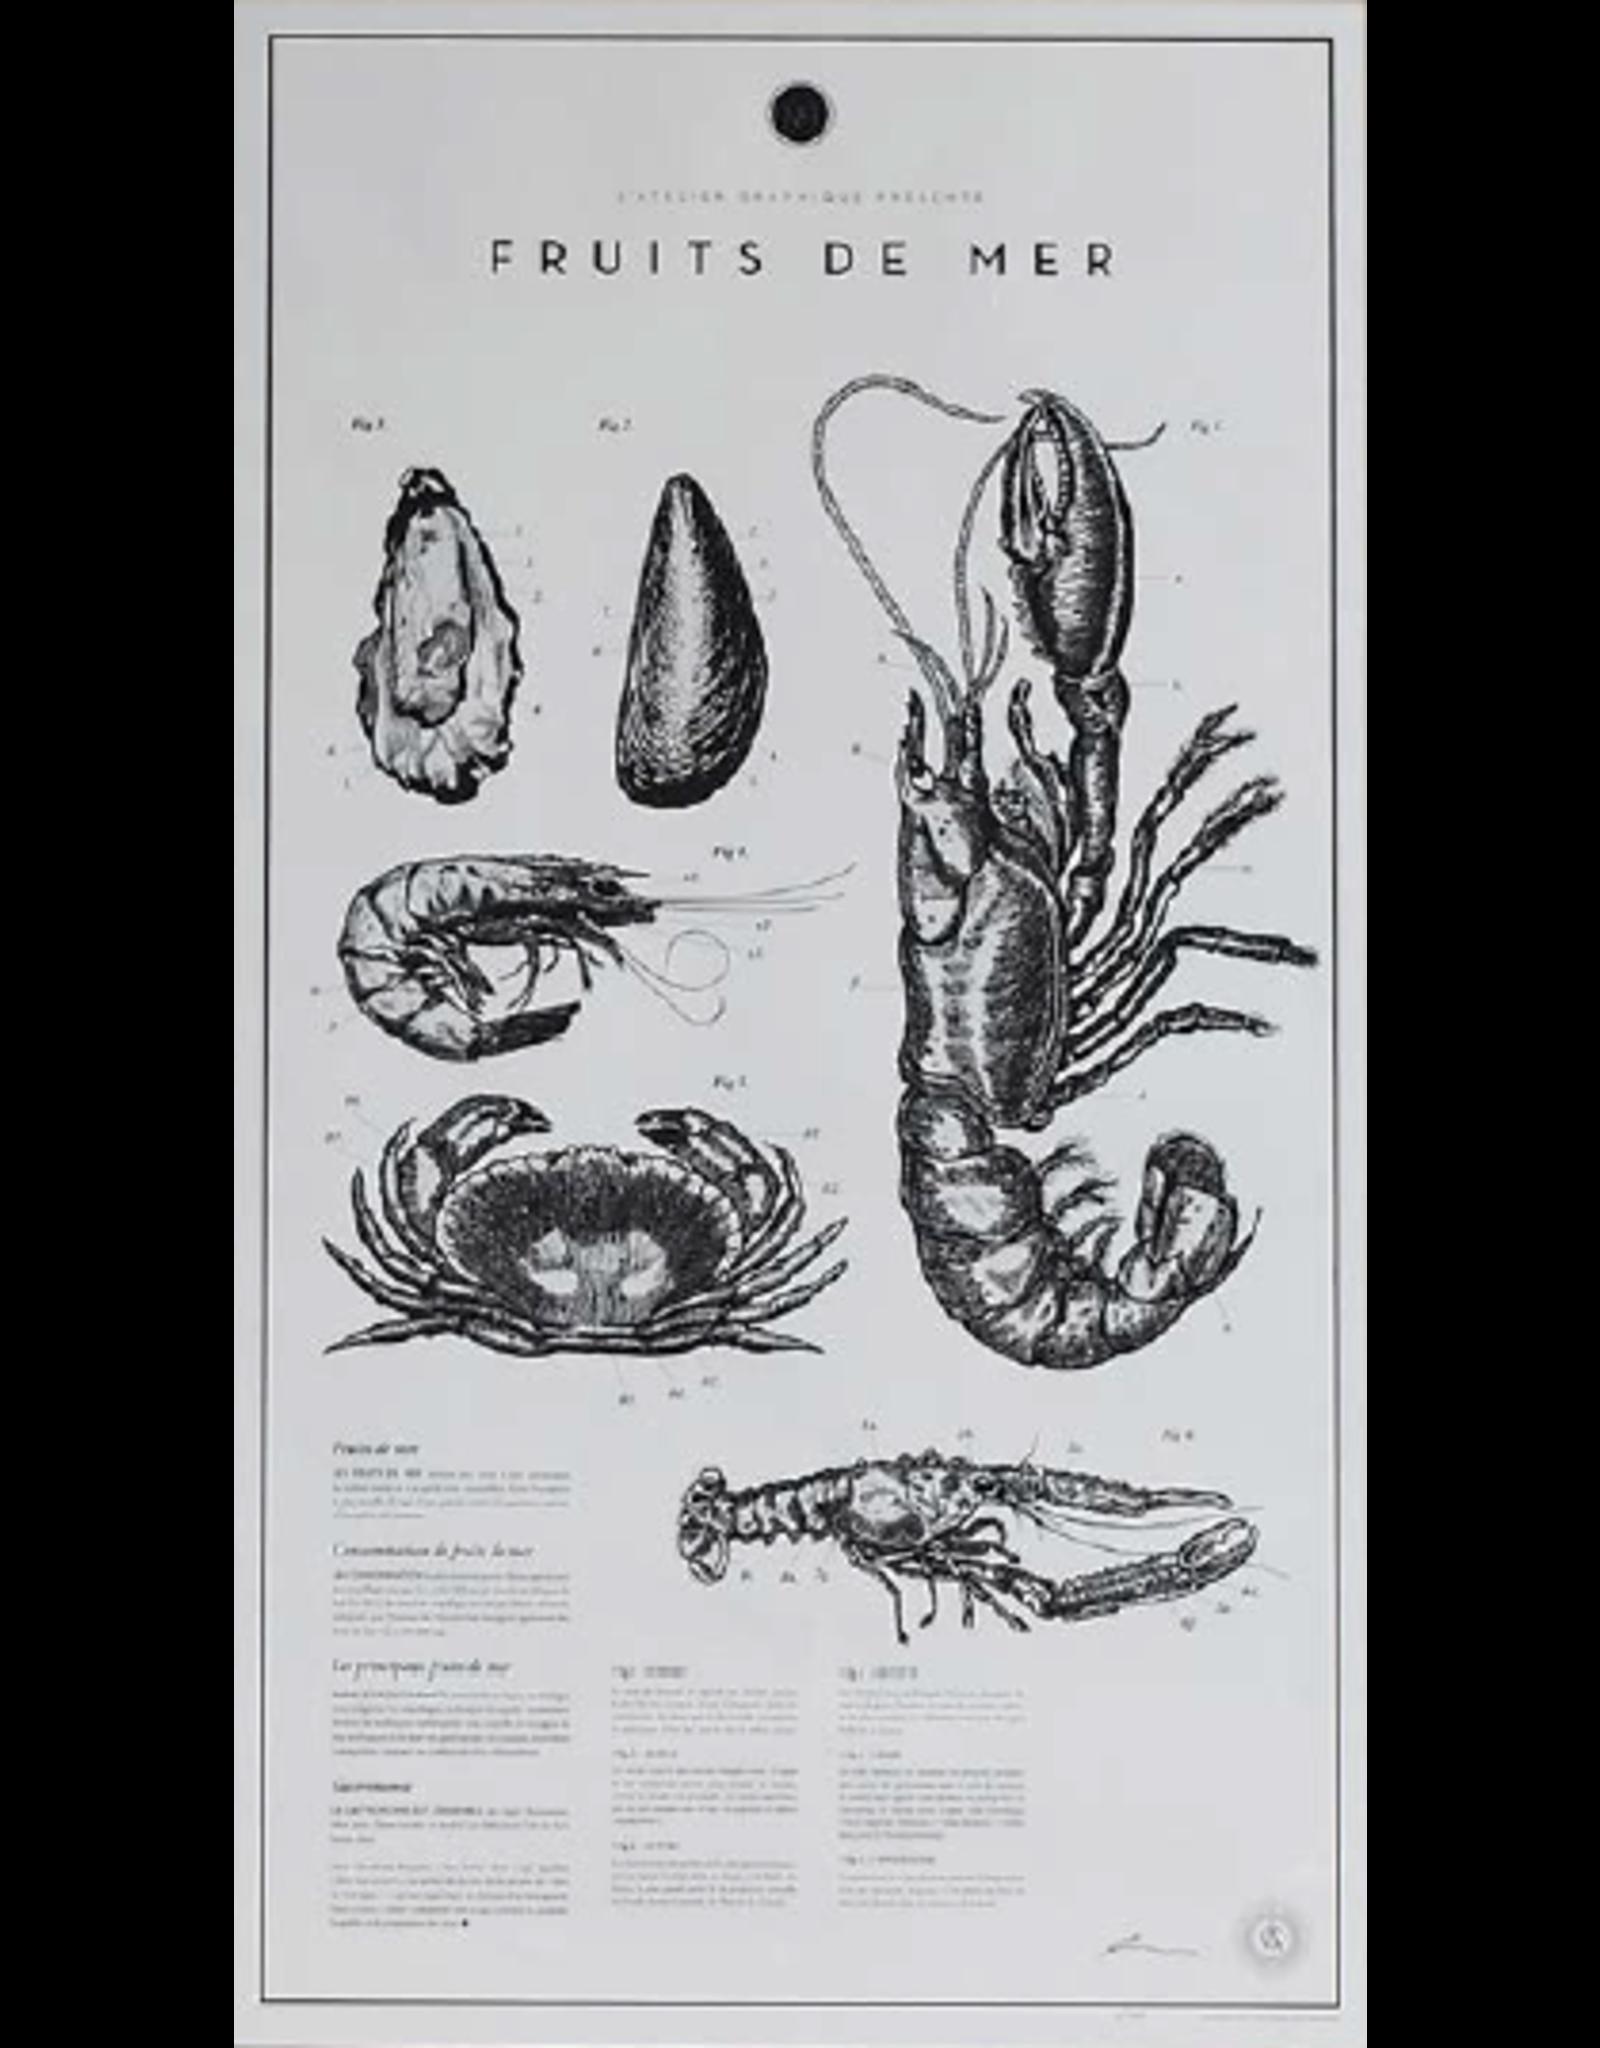 FRUITS DE MER LITHOGRAPHS PRINTS (UNFRAMED)